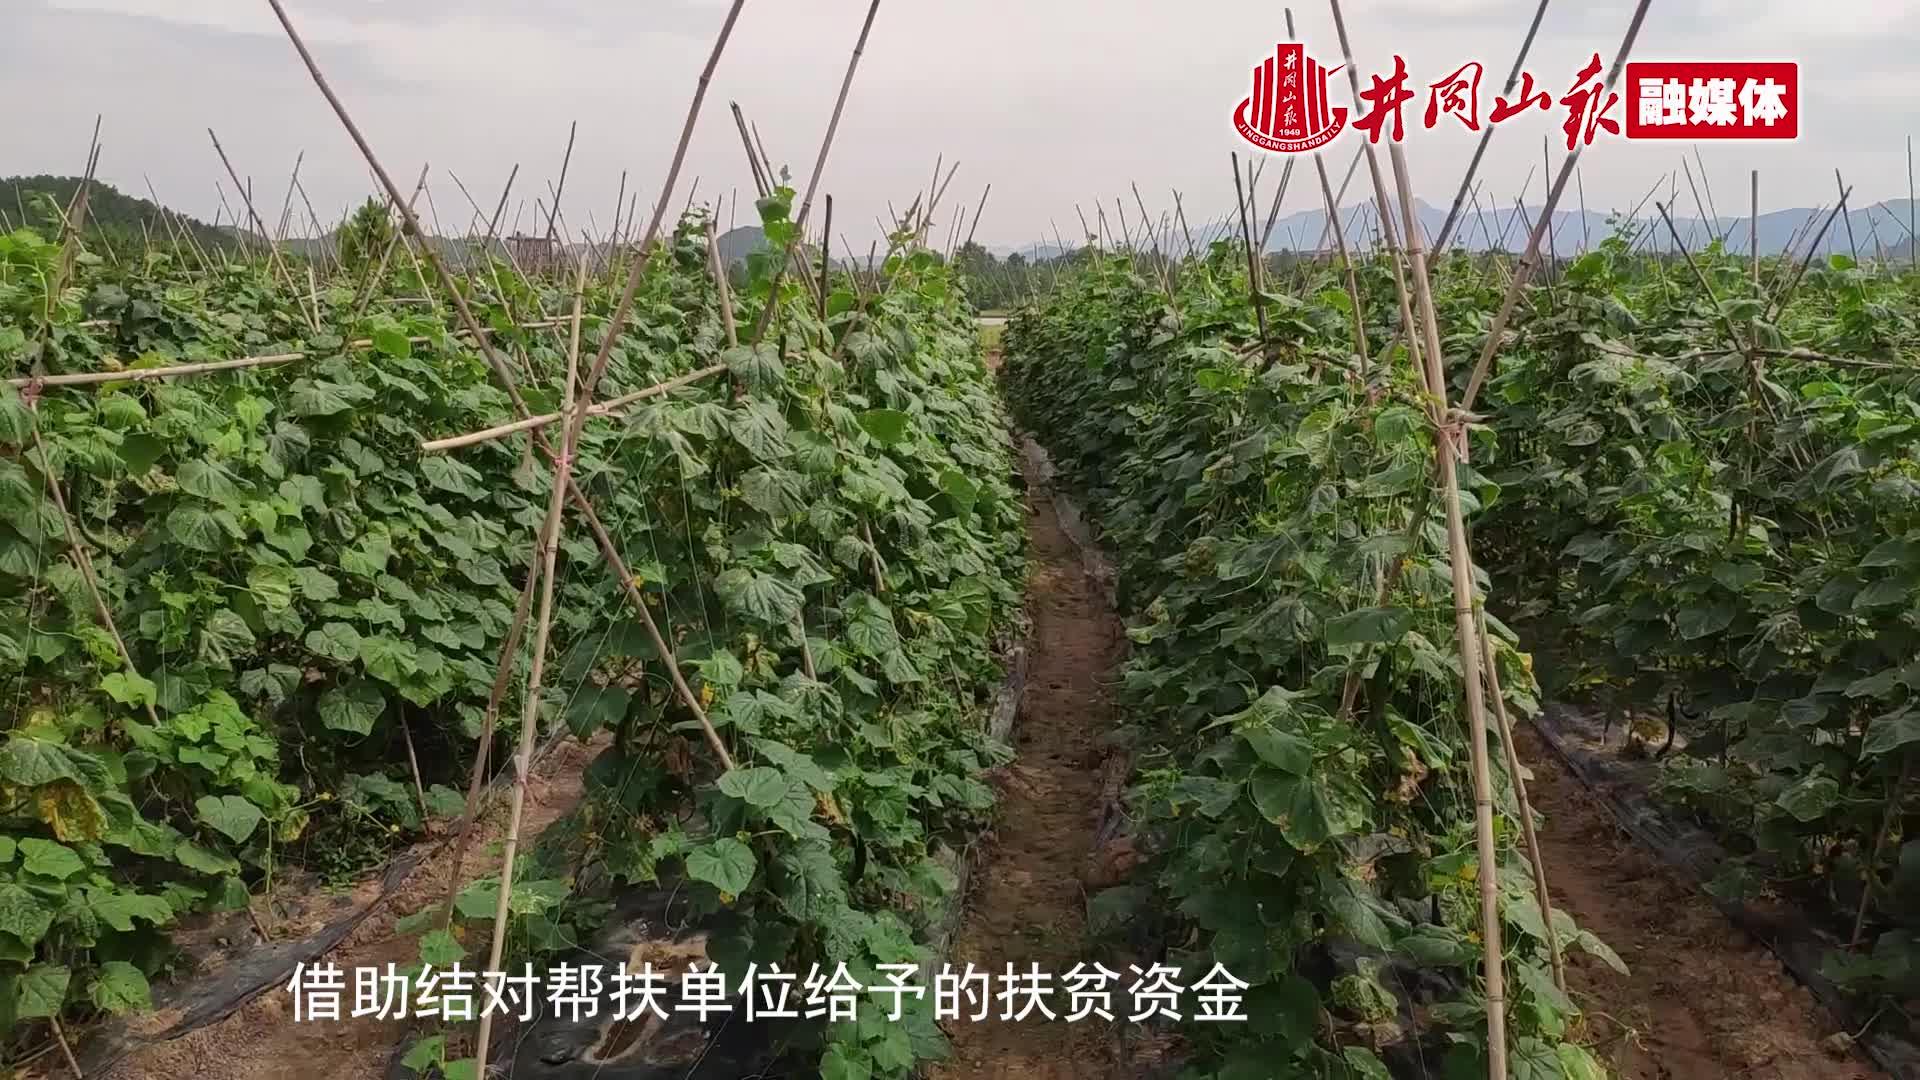 富滩镇龙塘黄瓜基地年产黄瓜15万斤